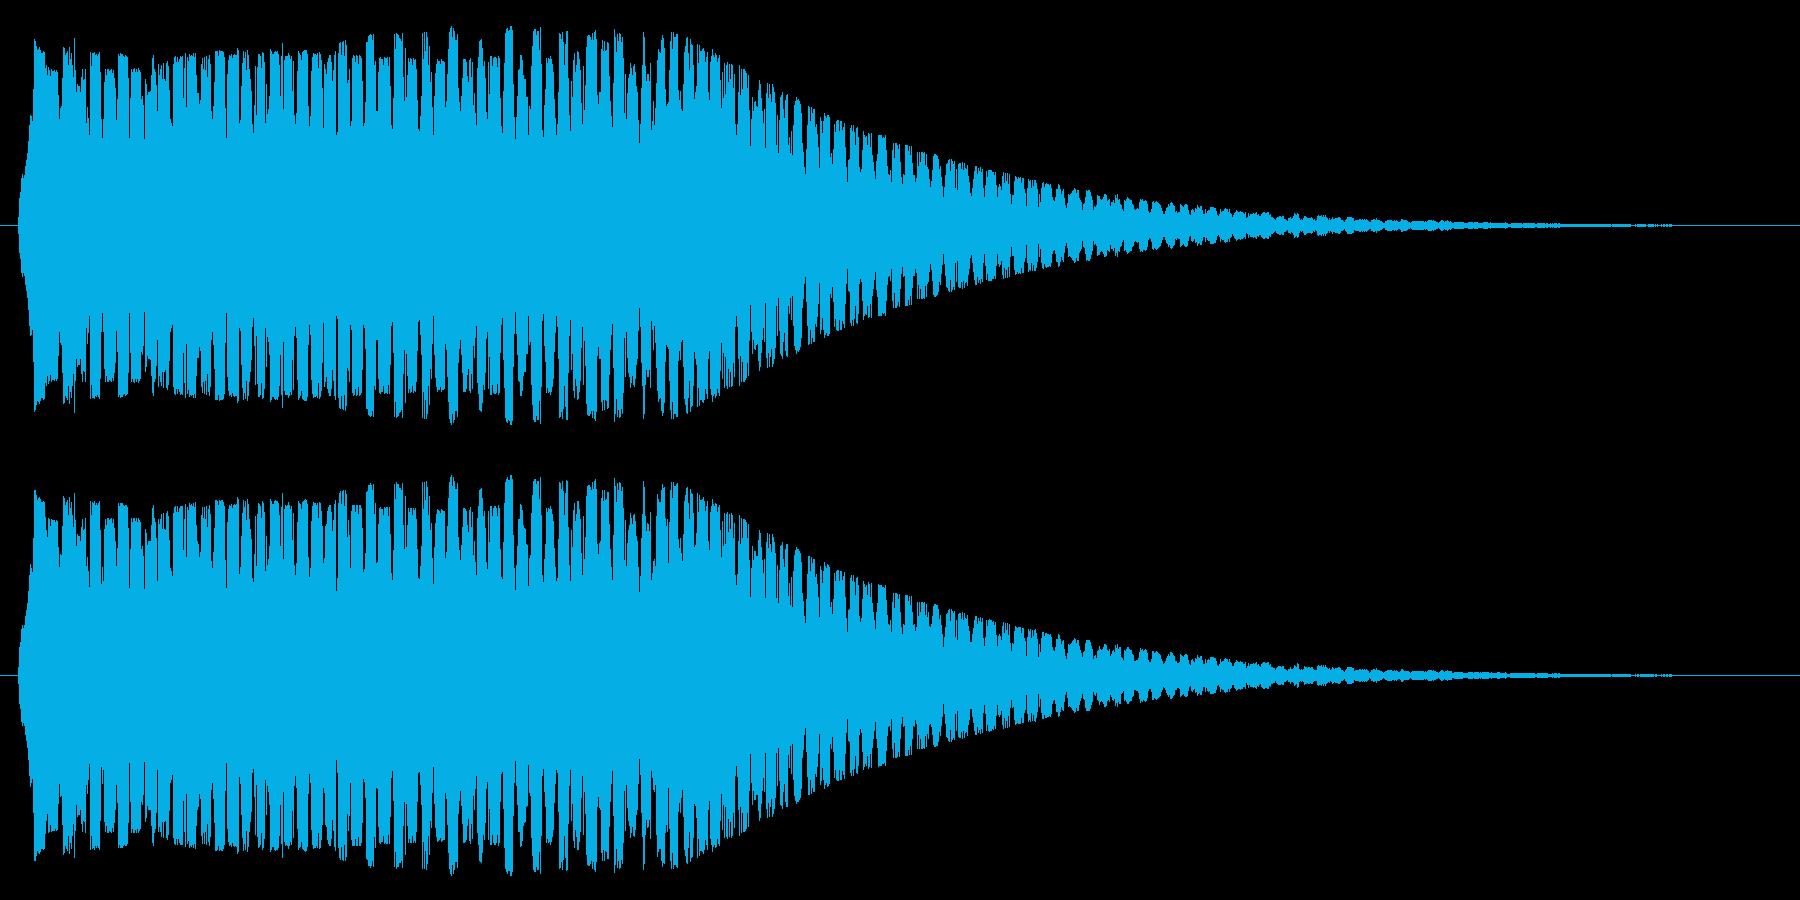 下降/パワーダウン/弱体化の再生済みの波形